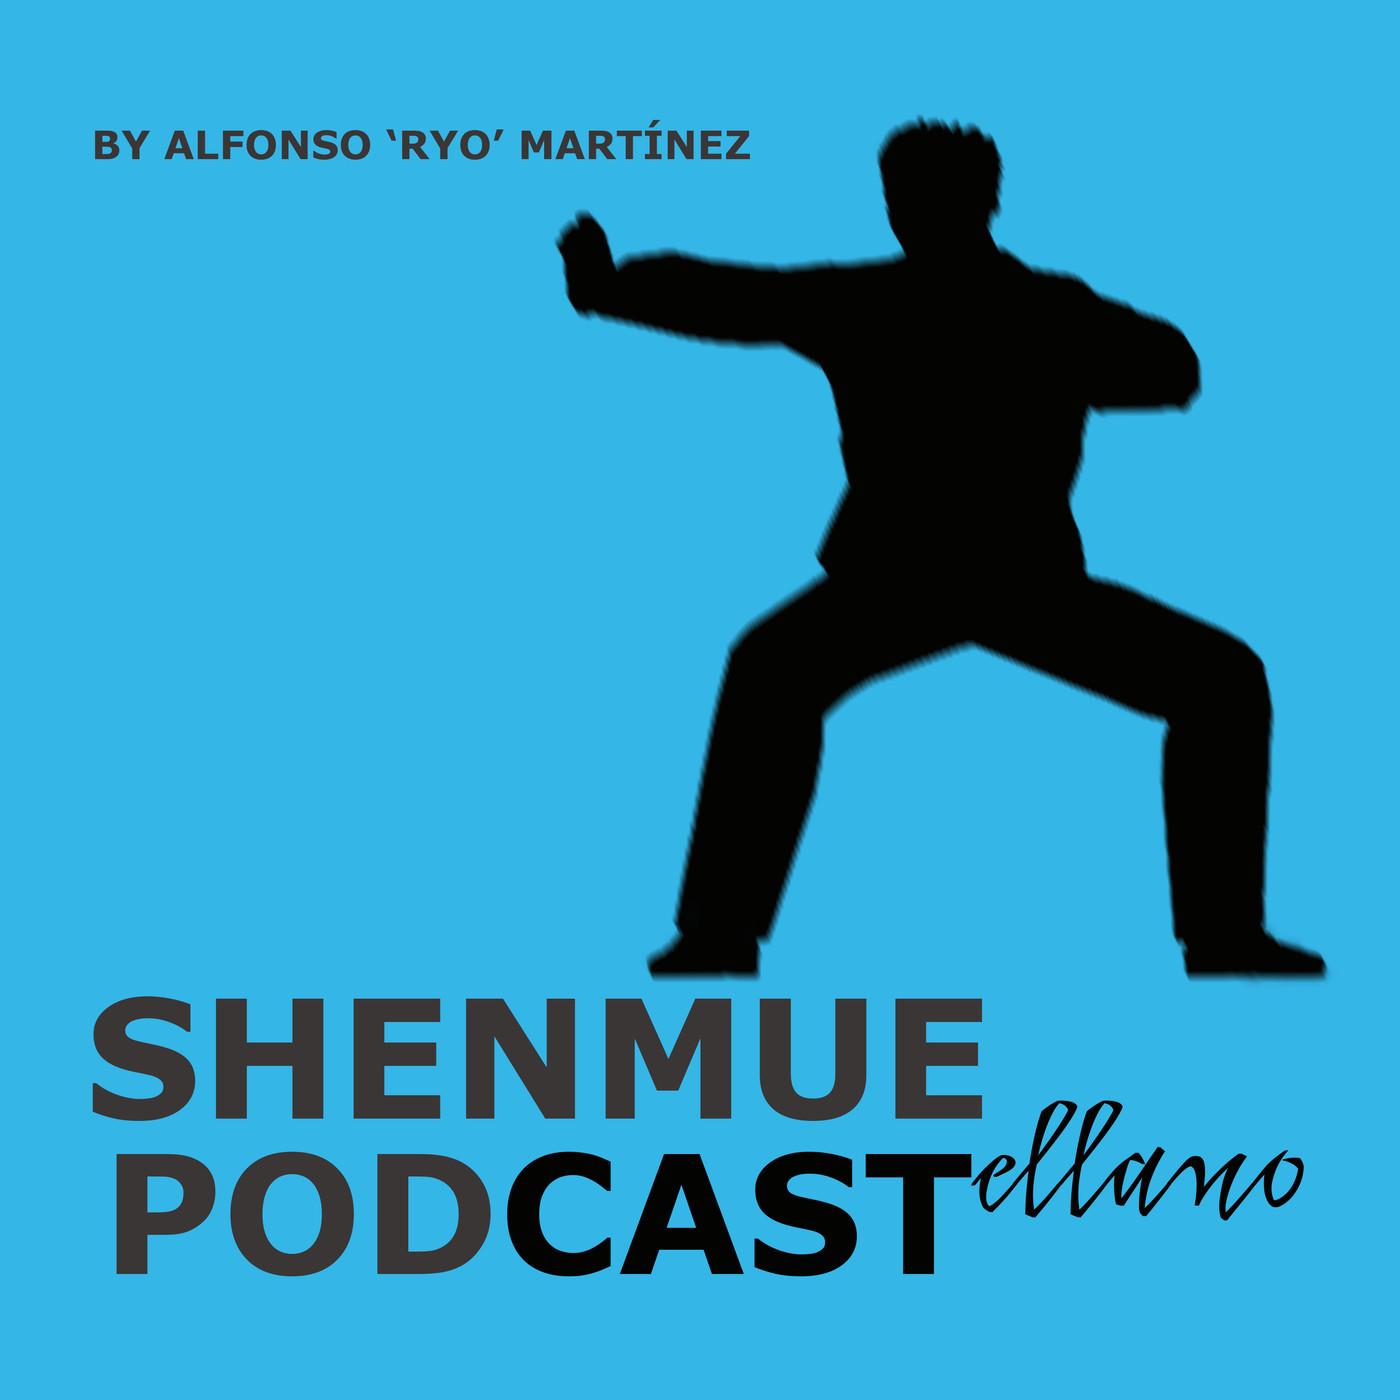 shenmue am2 yu suzuki chapter 1 yokosuka podcast marti sanz alfon martinez ryo suzuki japon sakuragaoka dobuita yamanose